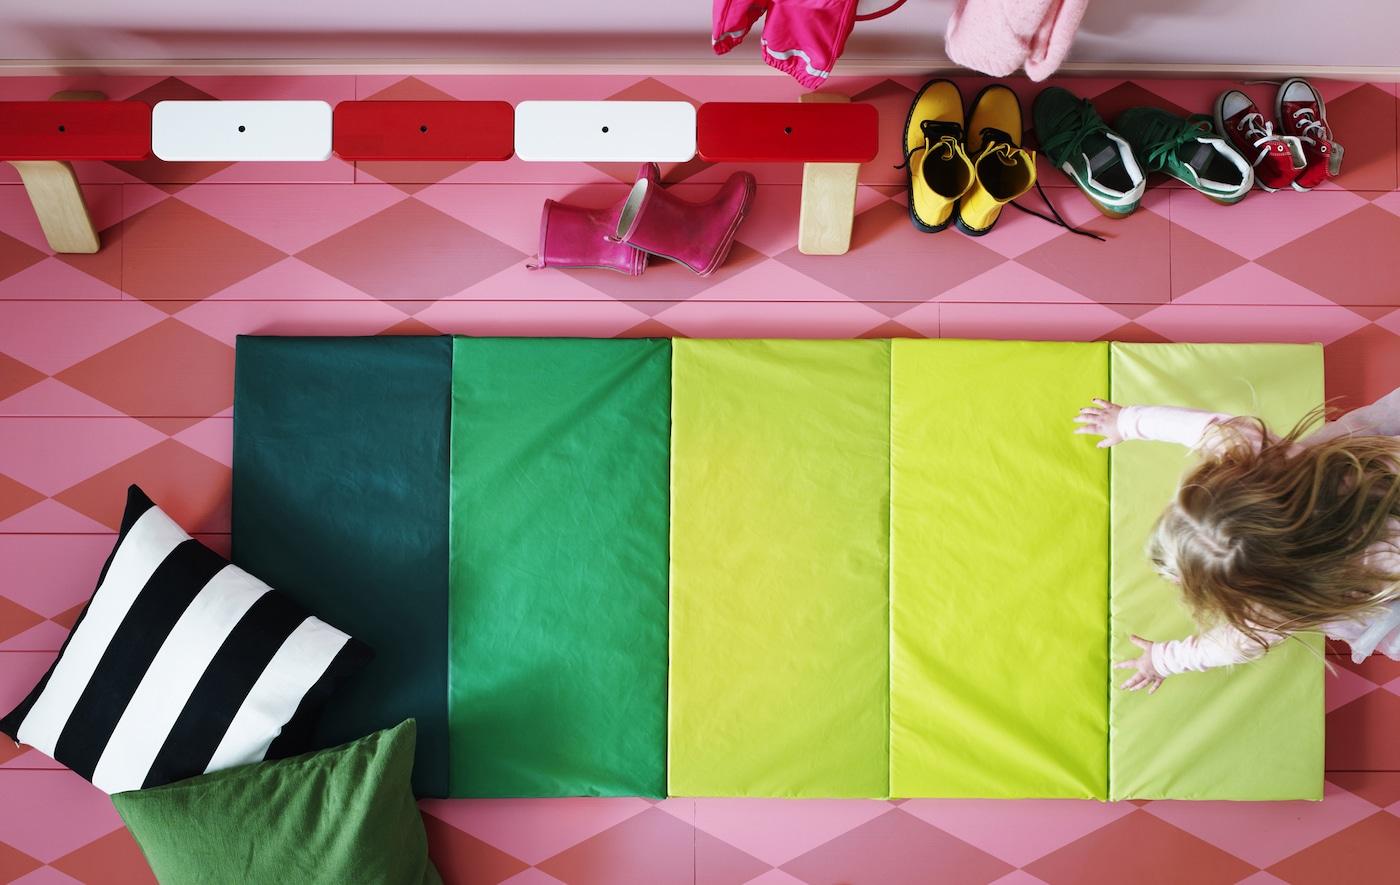 Blick von oben auf eine gestreifte IKEA Gymnastikmatte auf einem rosafarbenen Fußboden